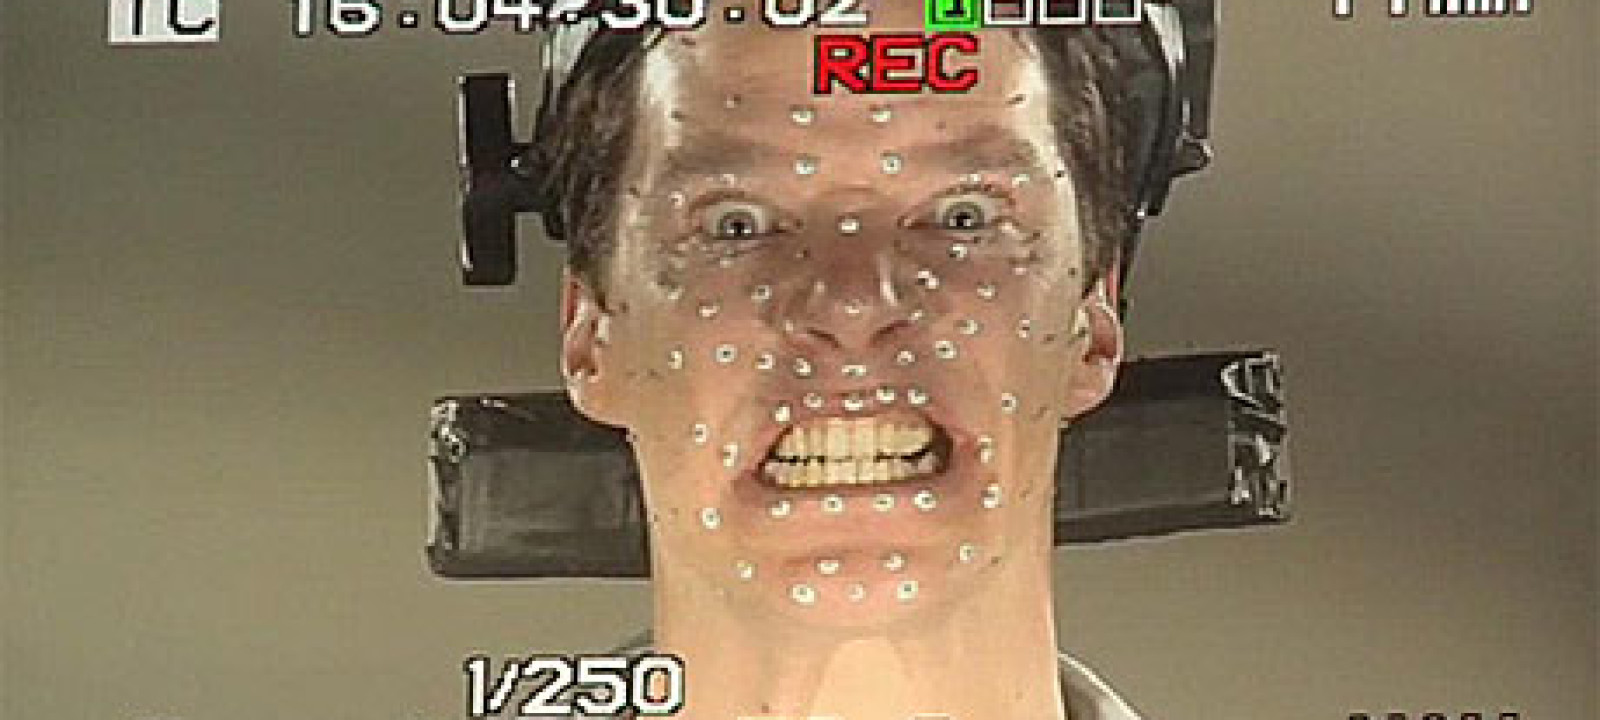 Benedict Cumberbatch as Smaug